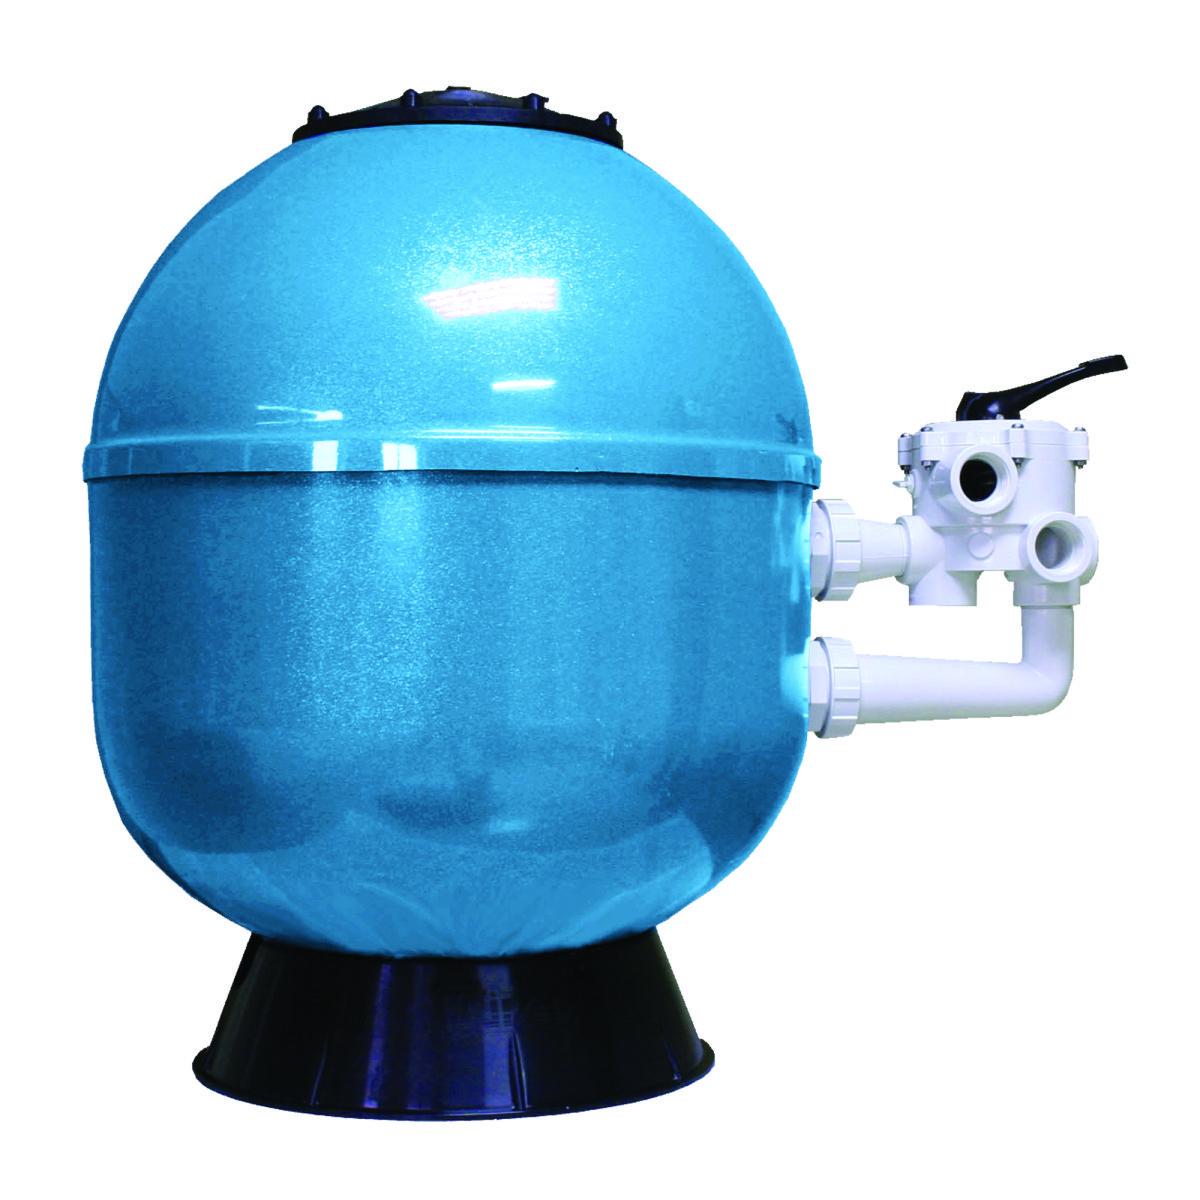 Крапельна Трубка Ø 16 мм, відстань між емітером 50 см, 2,5 л/год - WATER DRIP - 100 м